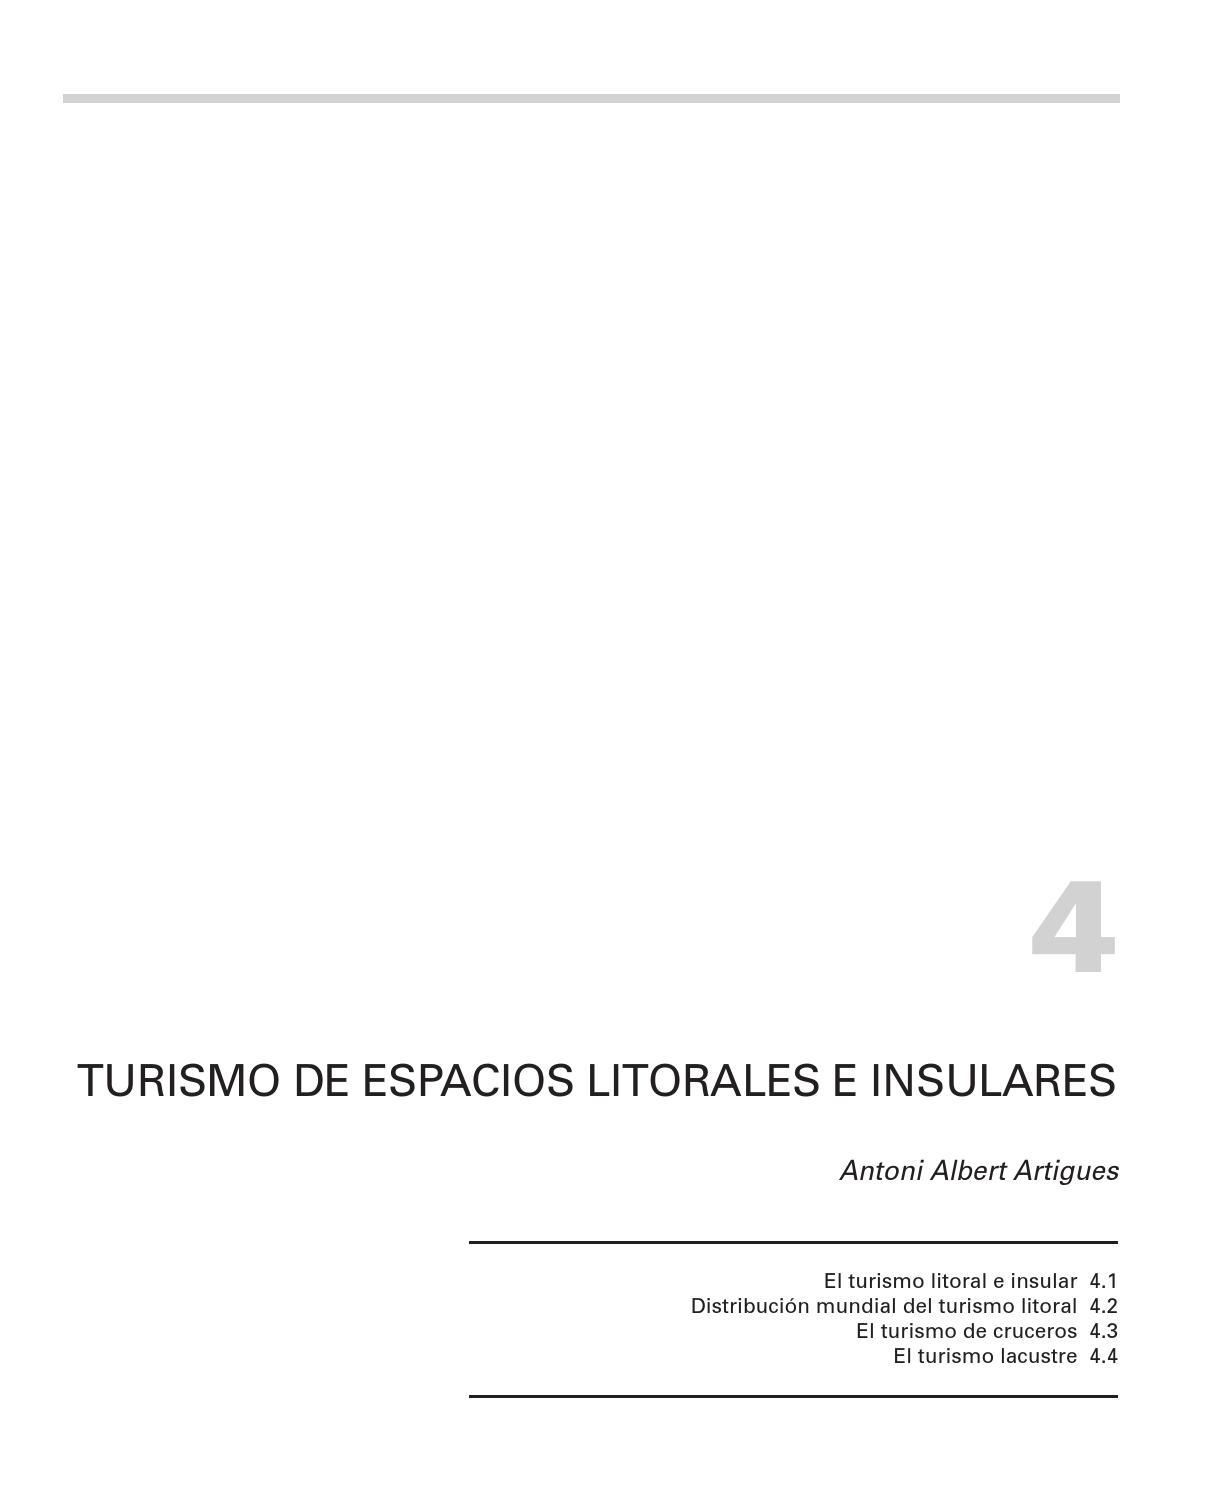 Geografia Mundial del Turismo. Parte II: LOS TIPOS DE TURISMO ...